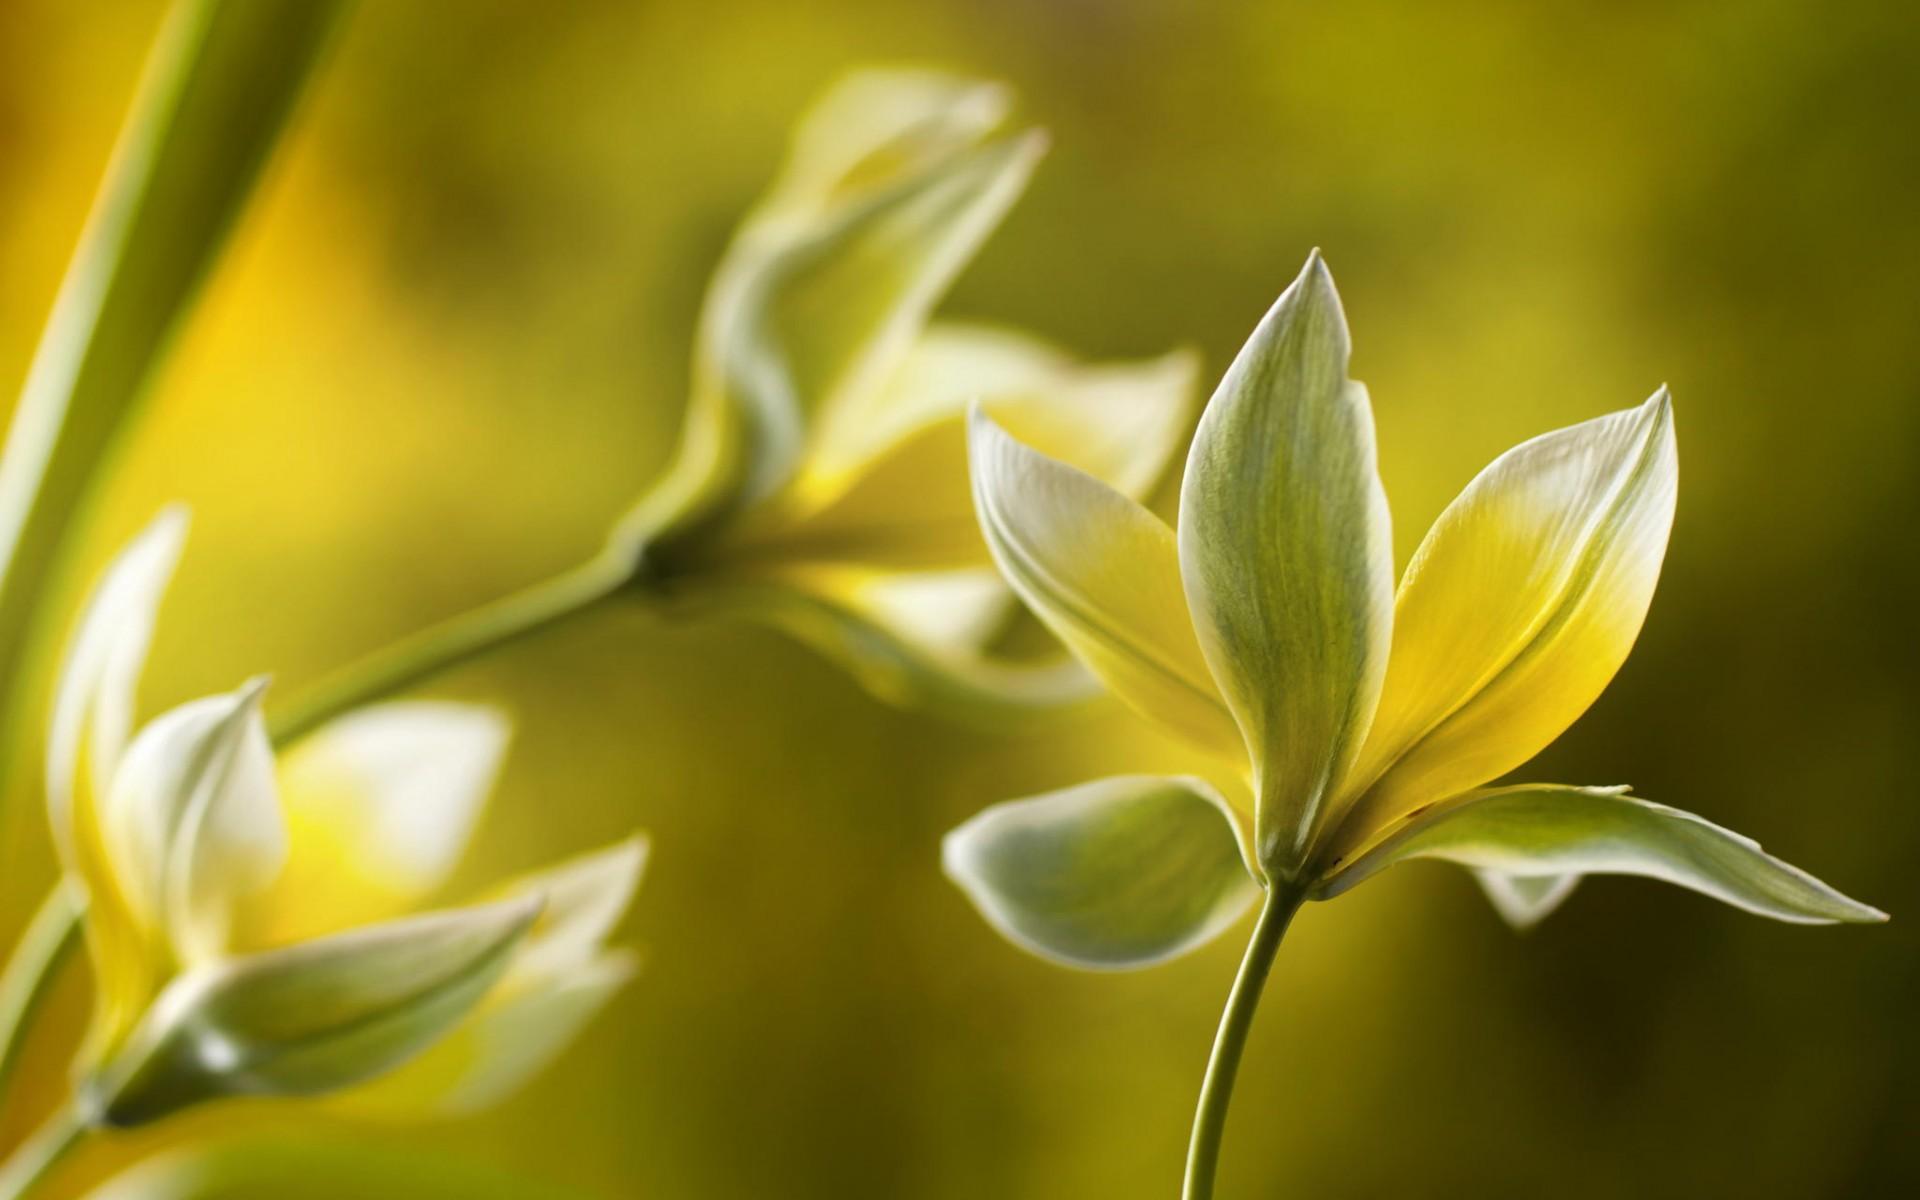 цветок желтый макро скачать